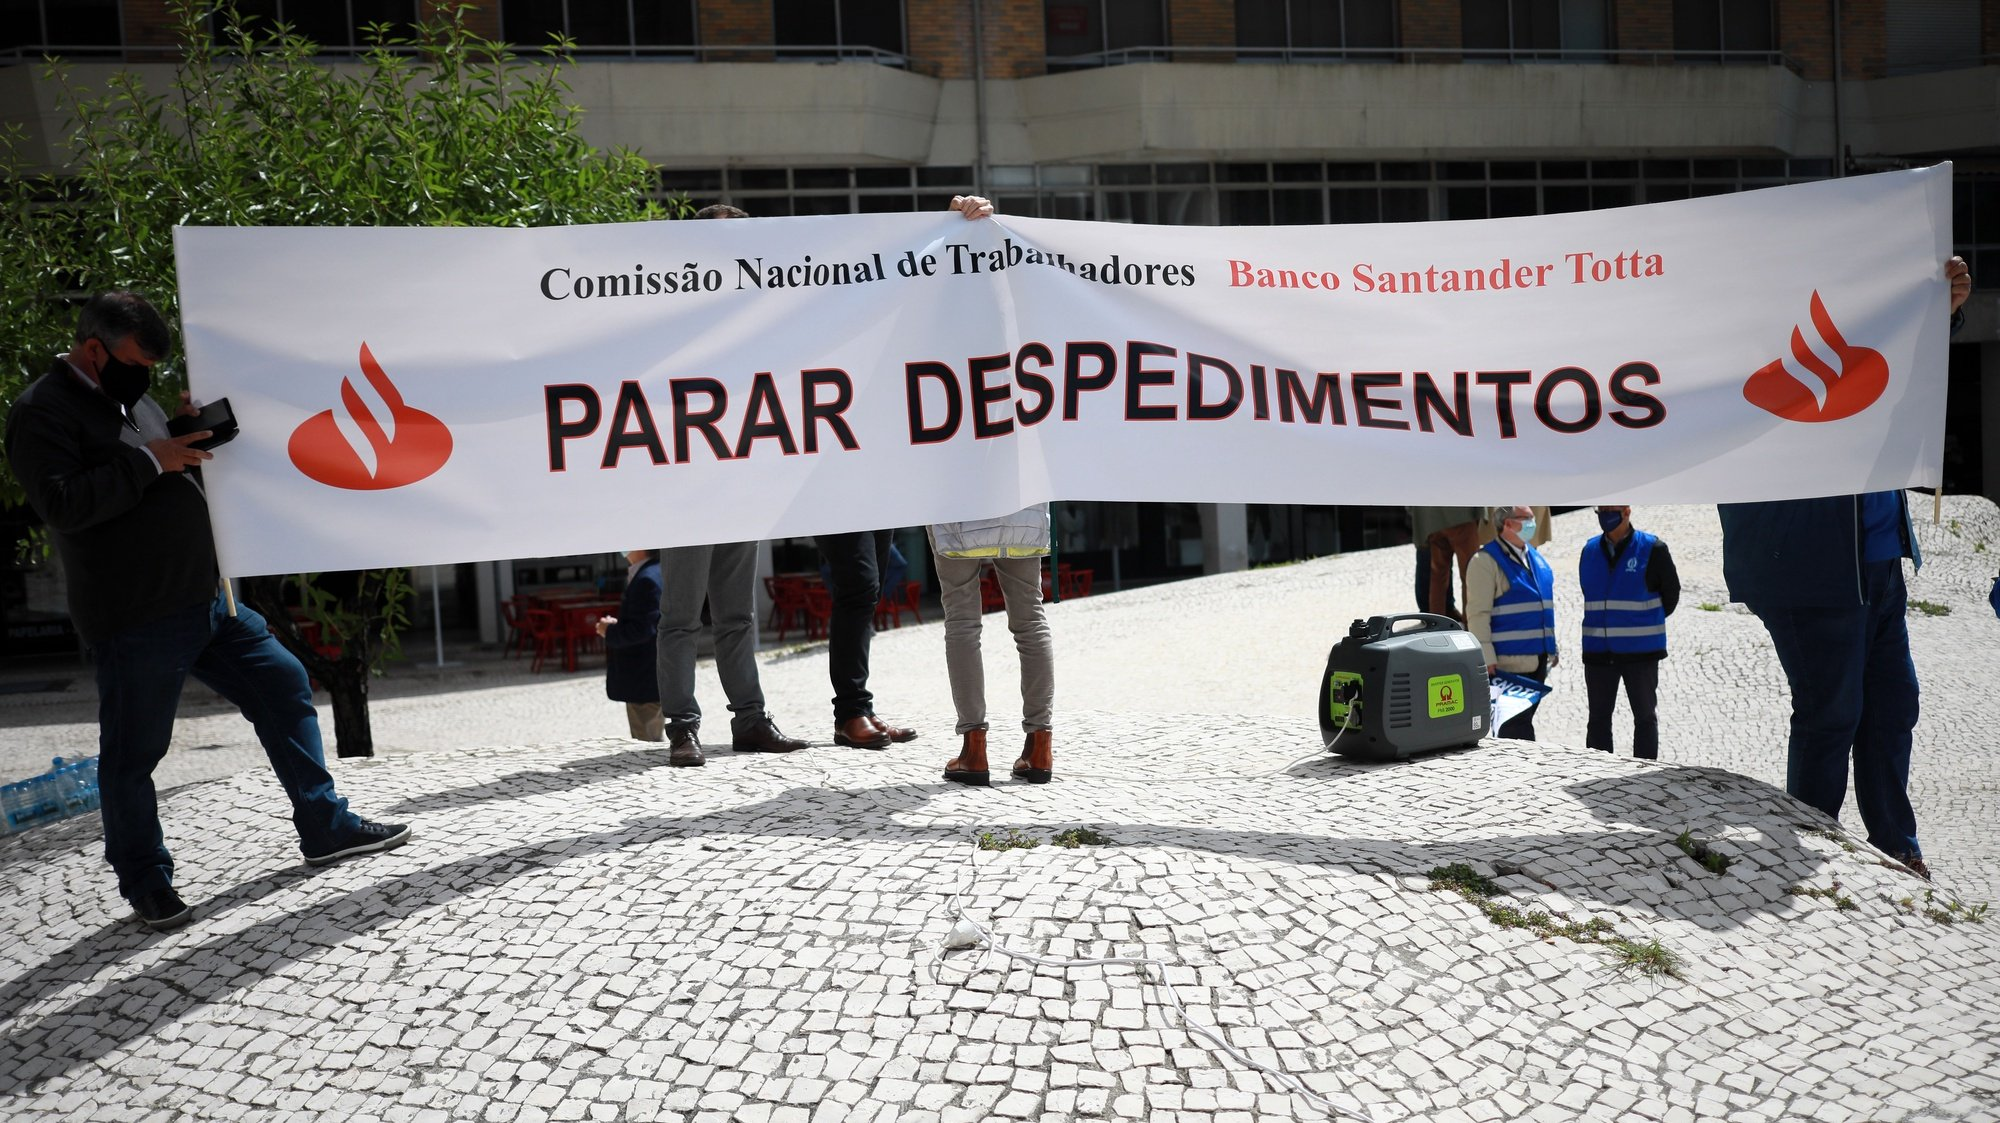 Trabalhadores do Banco Santander Totta manifestam-se contra o processo unilateral de despedimento de 100 a 150 trabalhadores anunciado pelo banco, no Porto, 12 de maio de 2021. ESTELA SILVA/LUSA